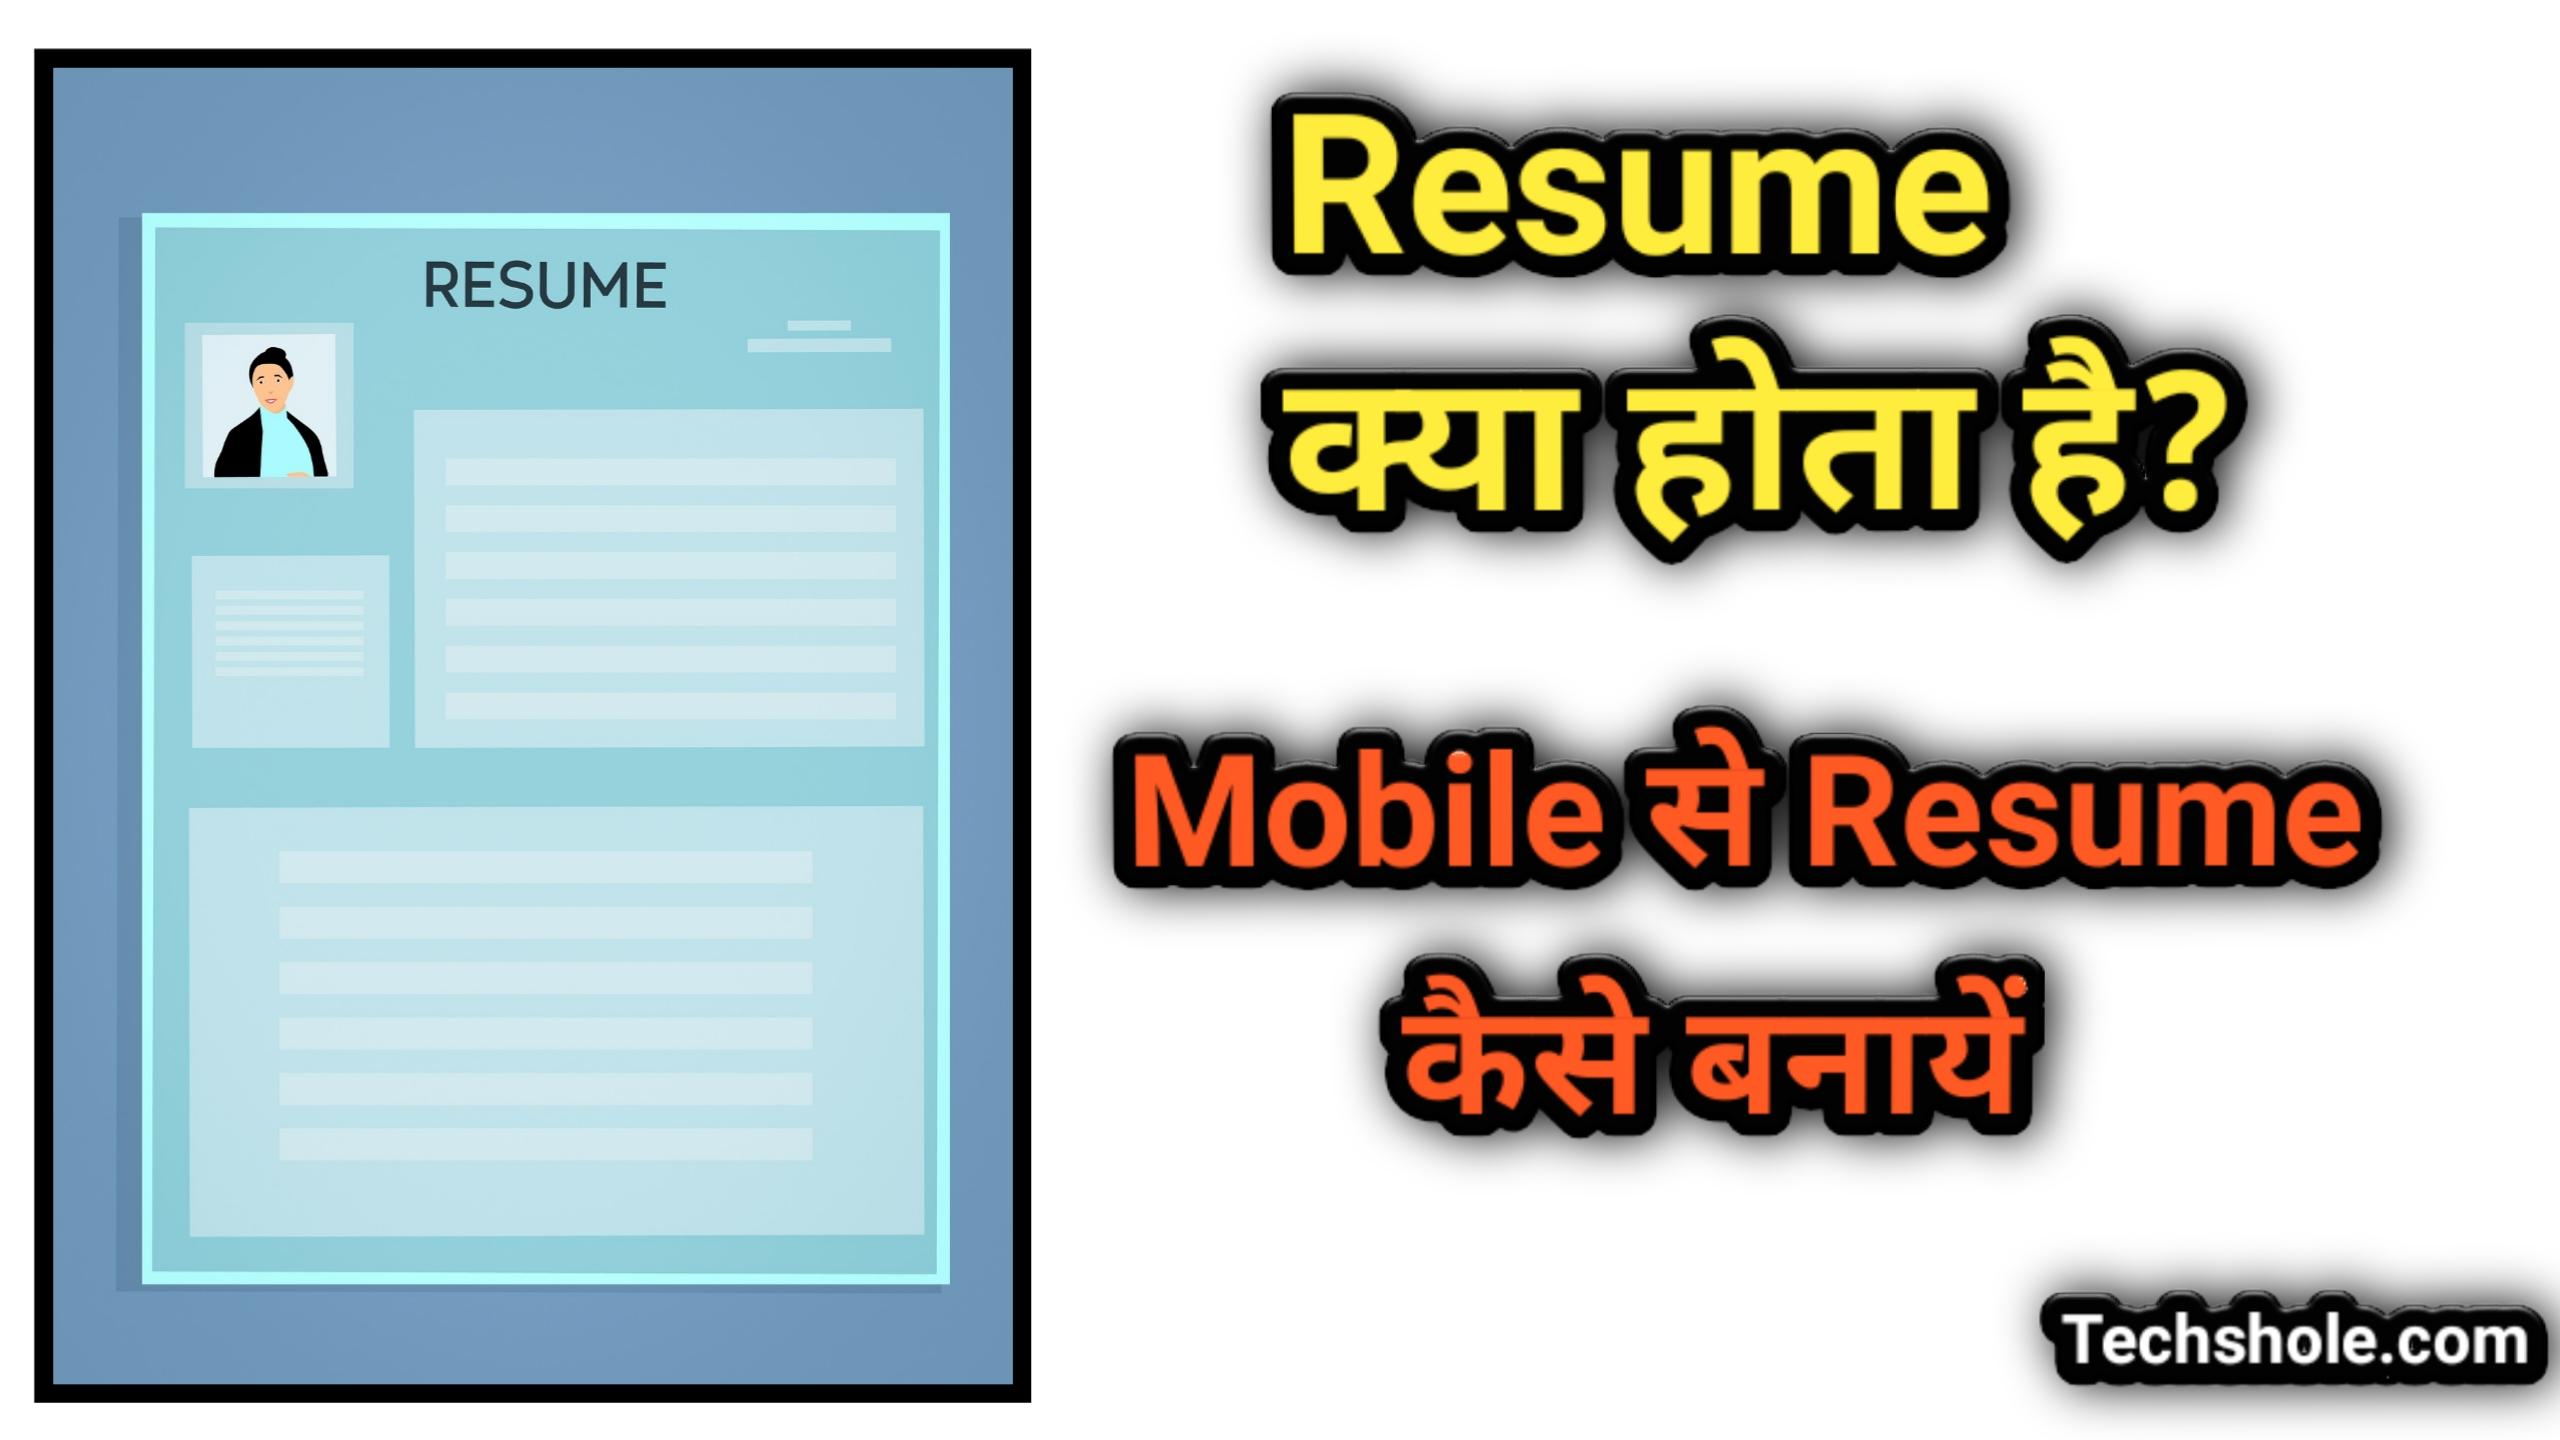 रिज्यूमे क्या होता है और Mobile से Resume कैसे बनायें? हिंदी में